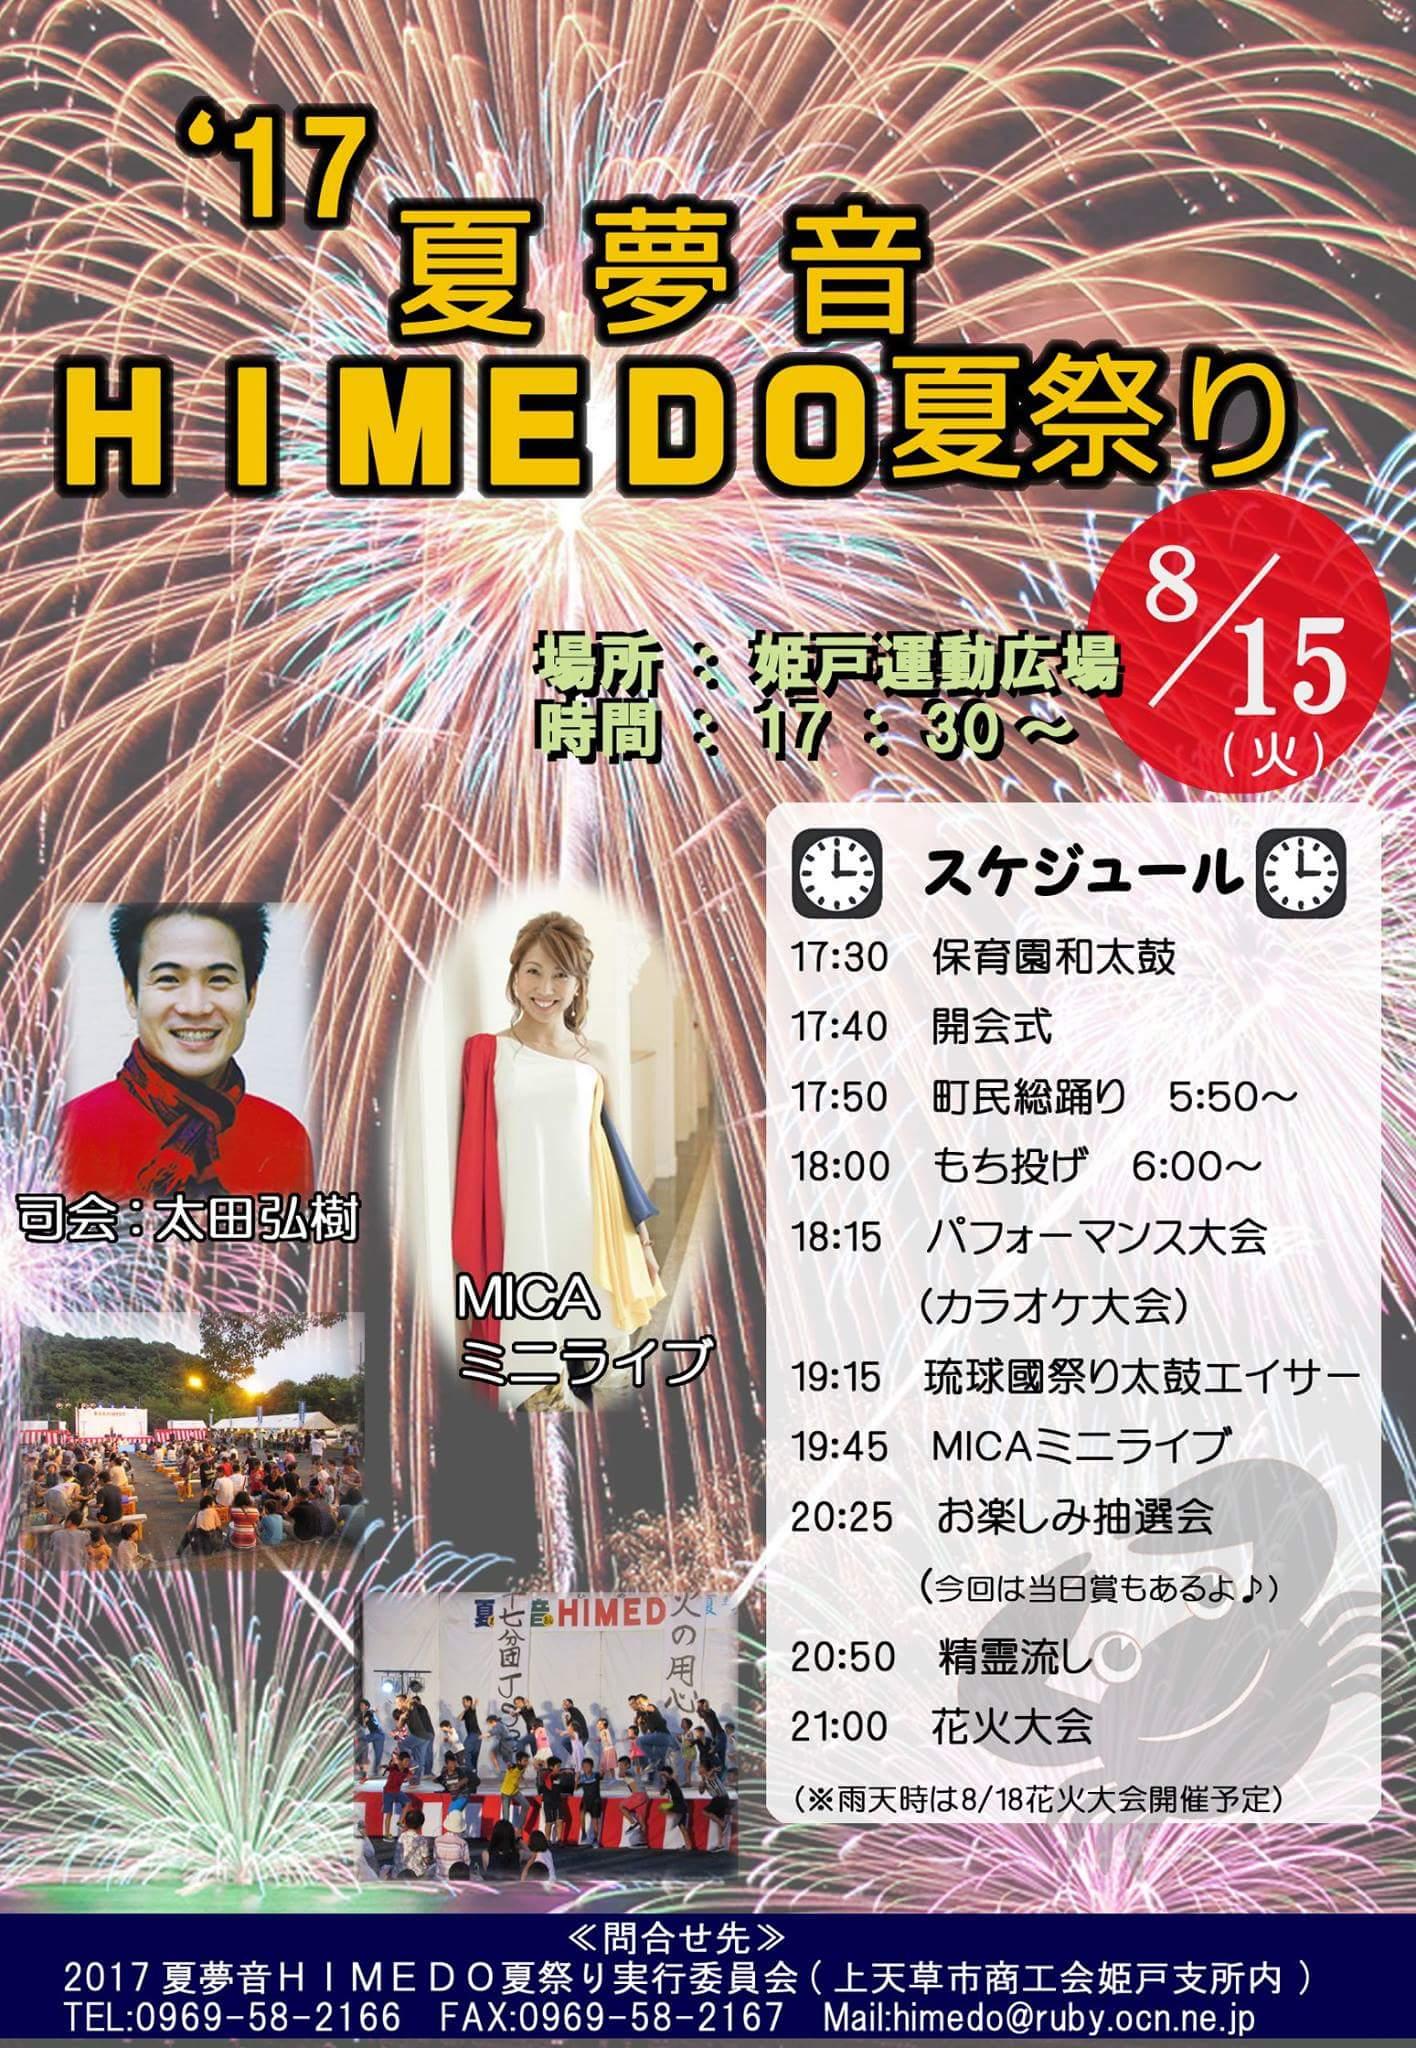 松橋の花火長いこと(^_^;)